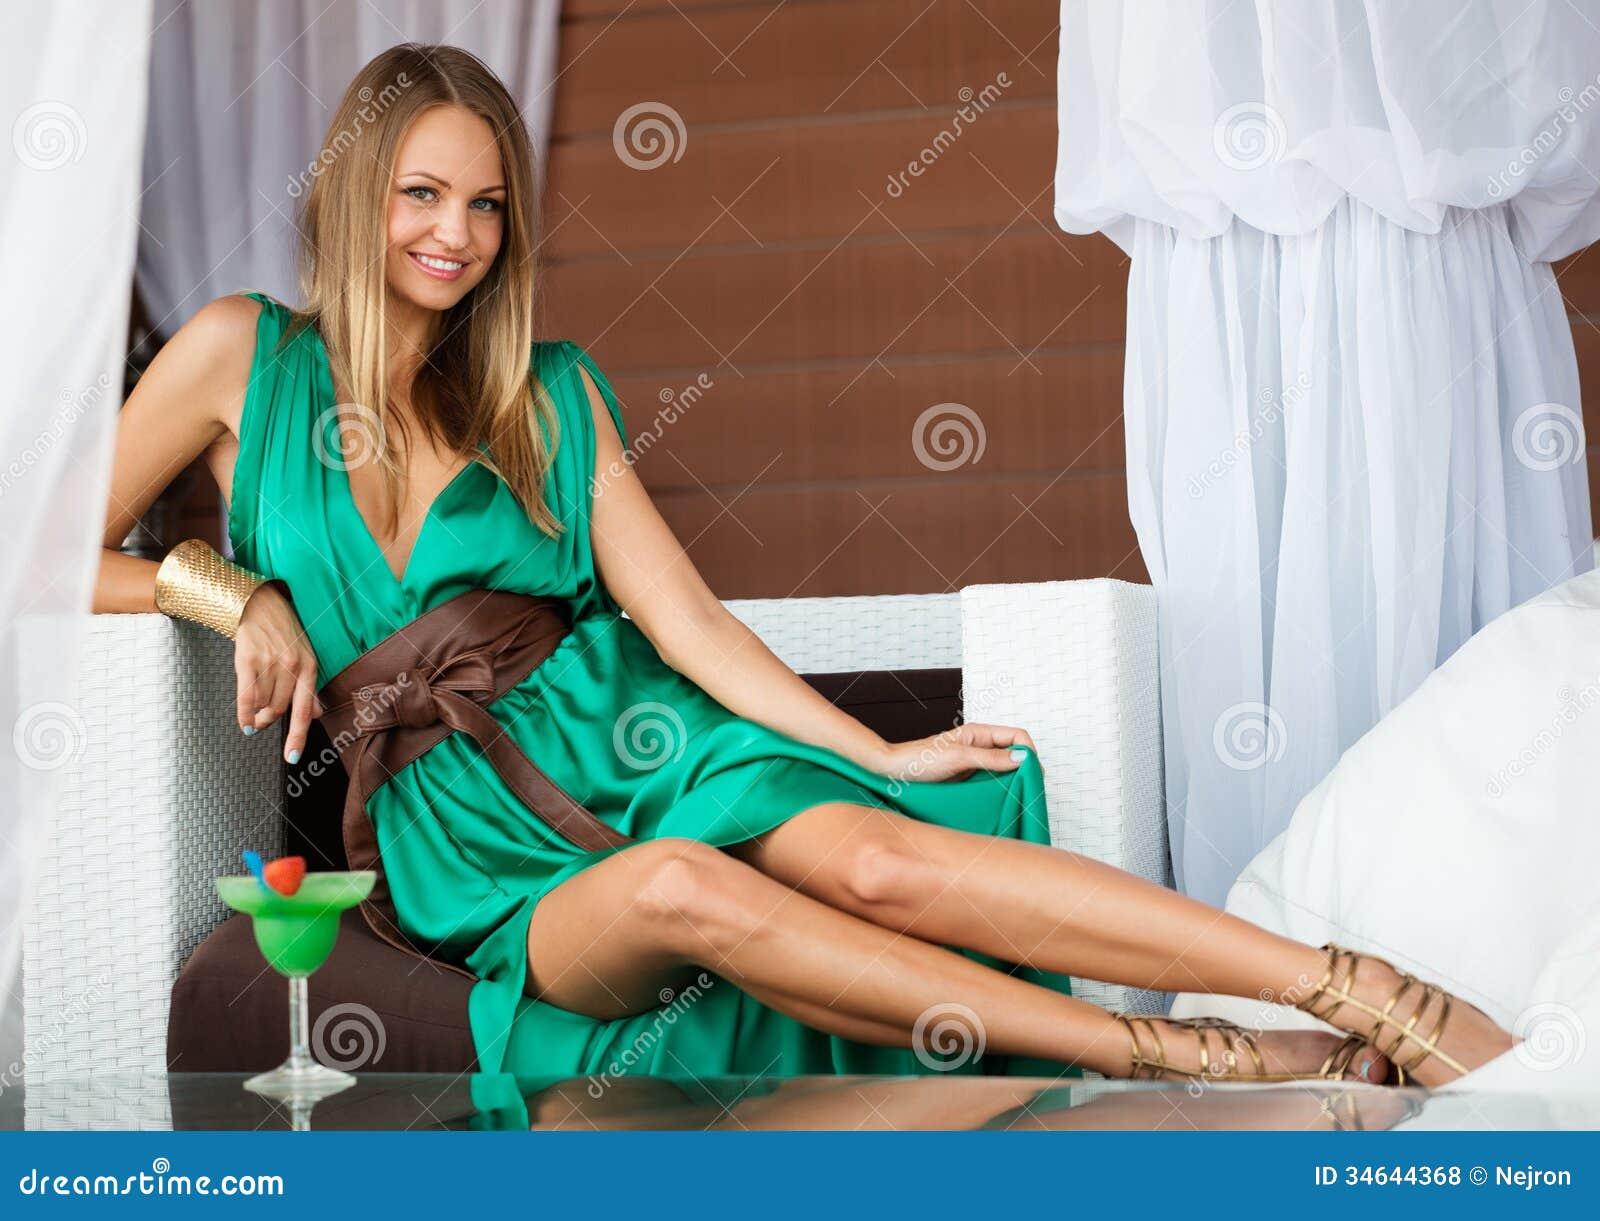 Секс девушка в зеленом платье 3 фотография